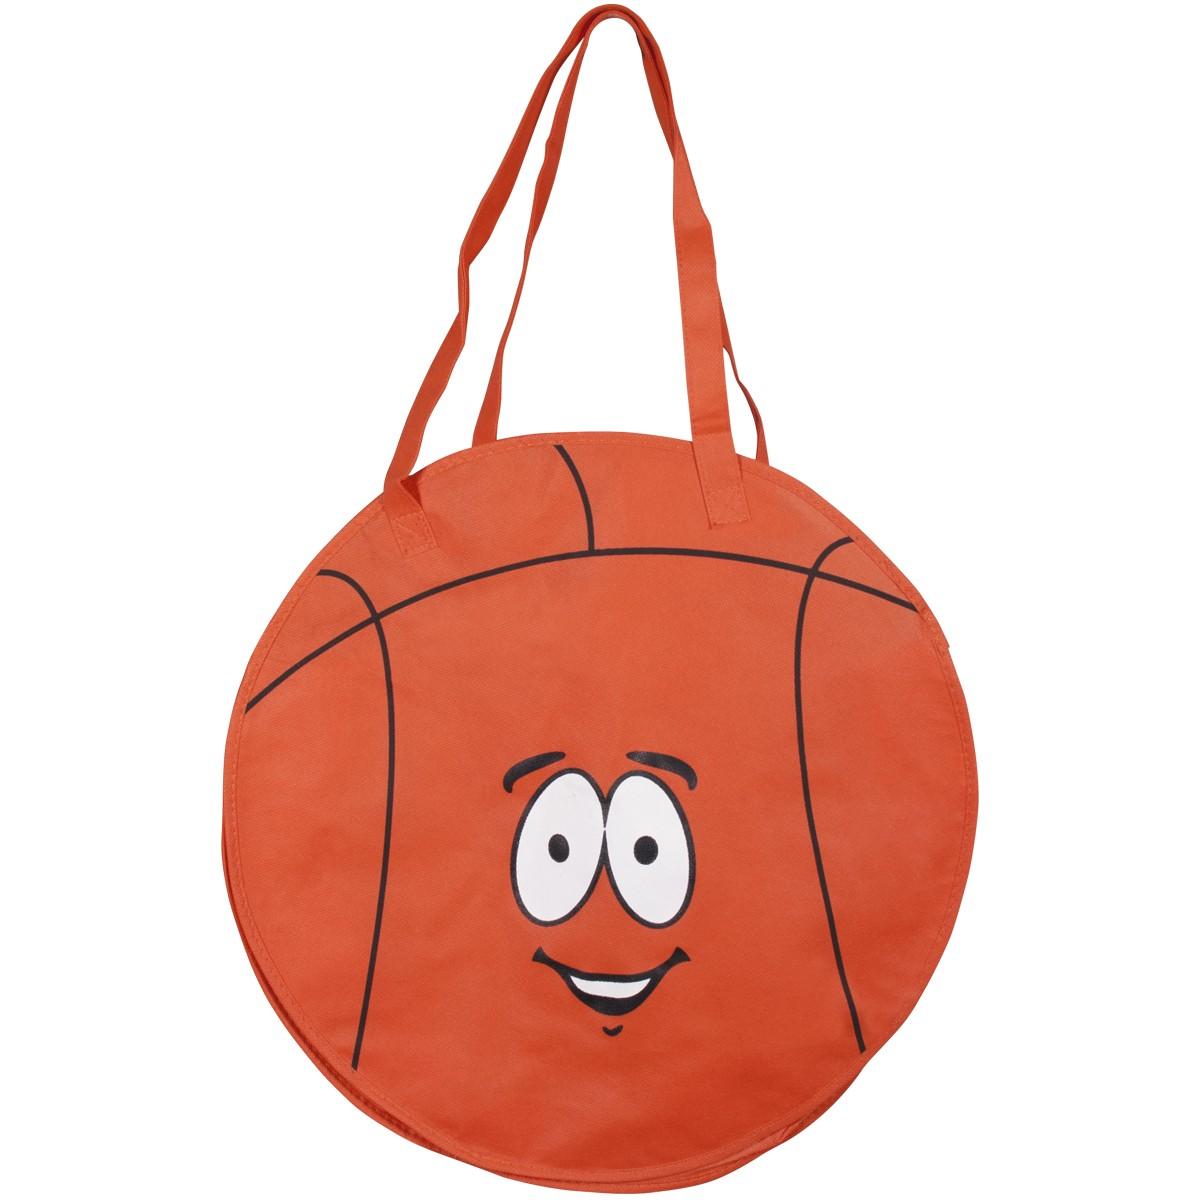 Rallytotes Basketball Tote Bag